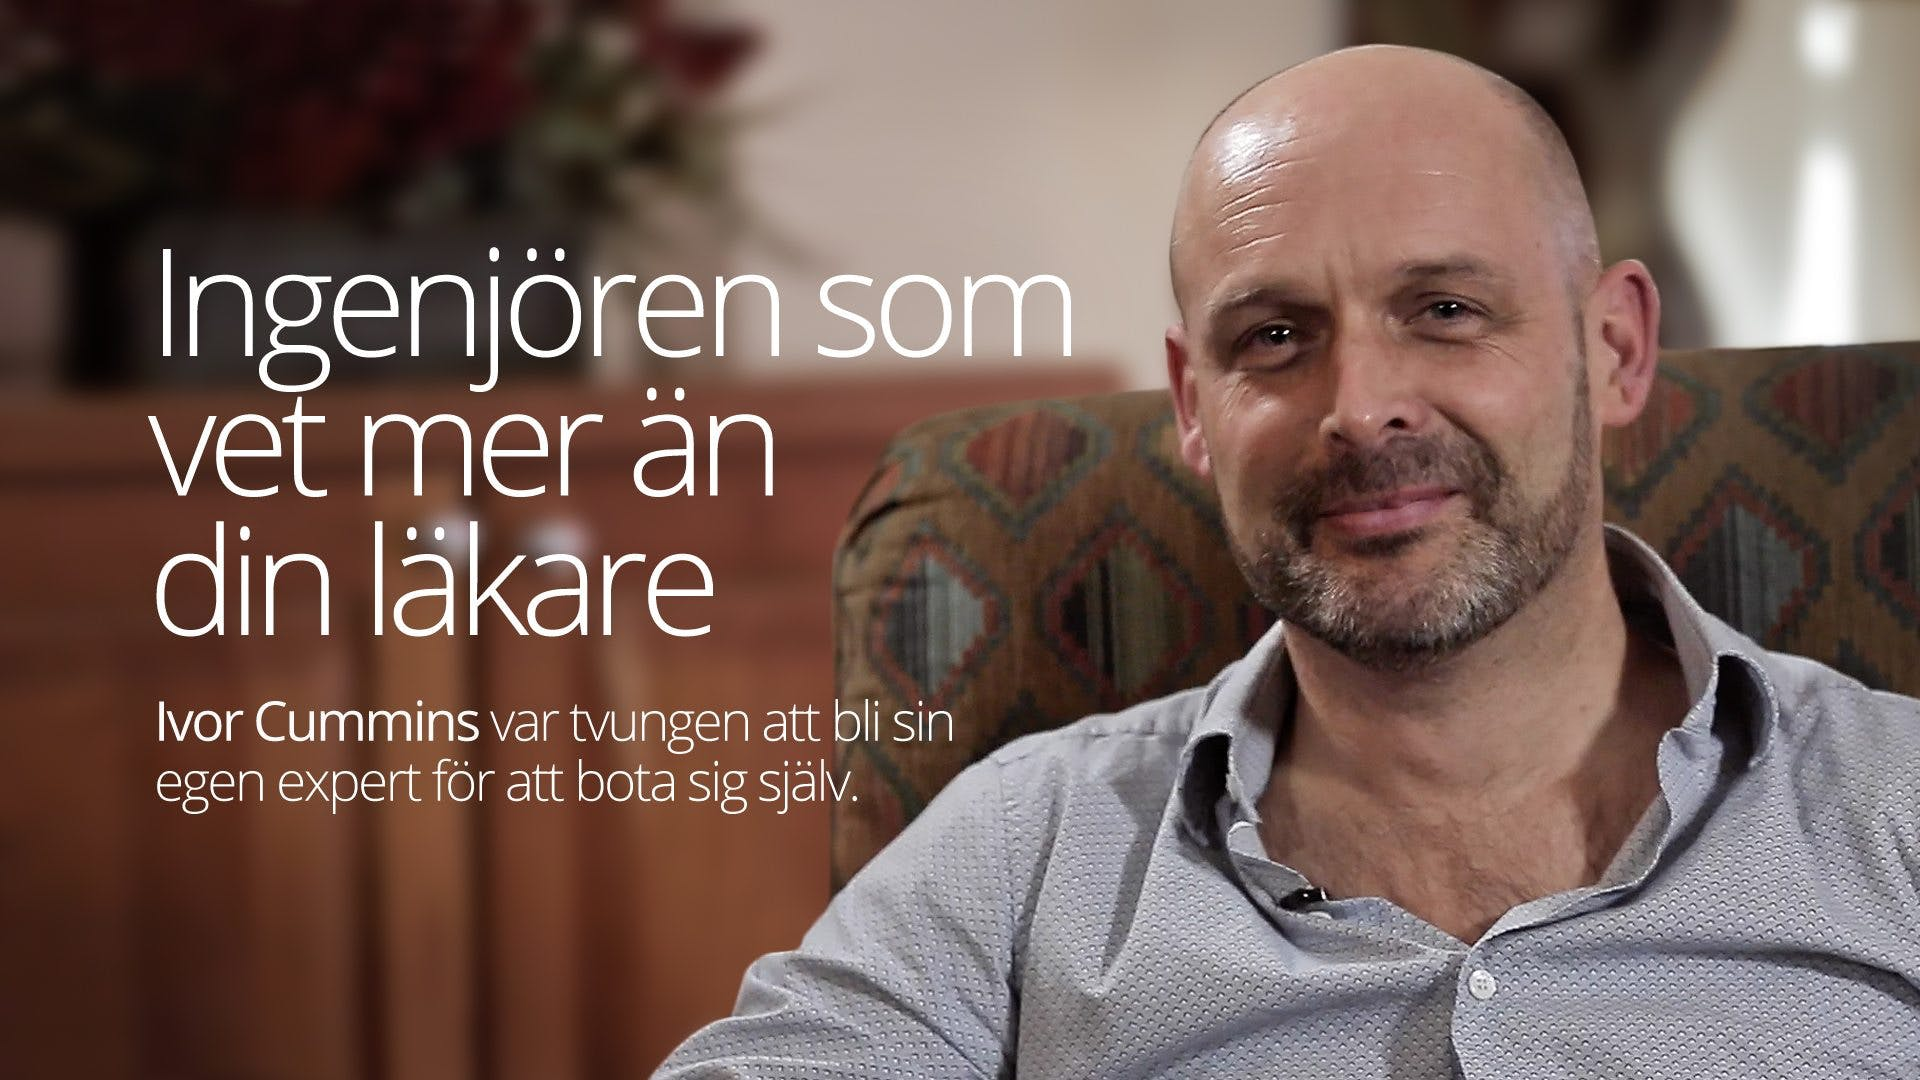 Ingenjören som vet mer än din doktor –Ivor Cummins (full interview)